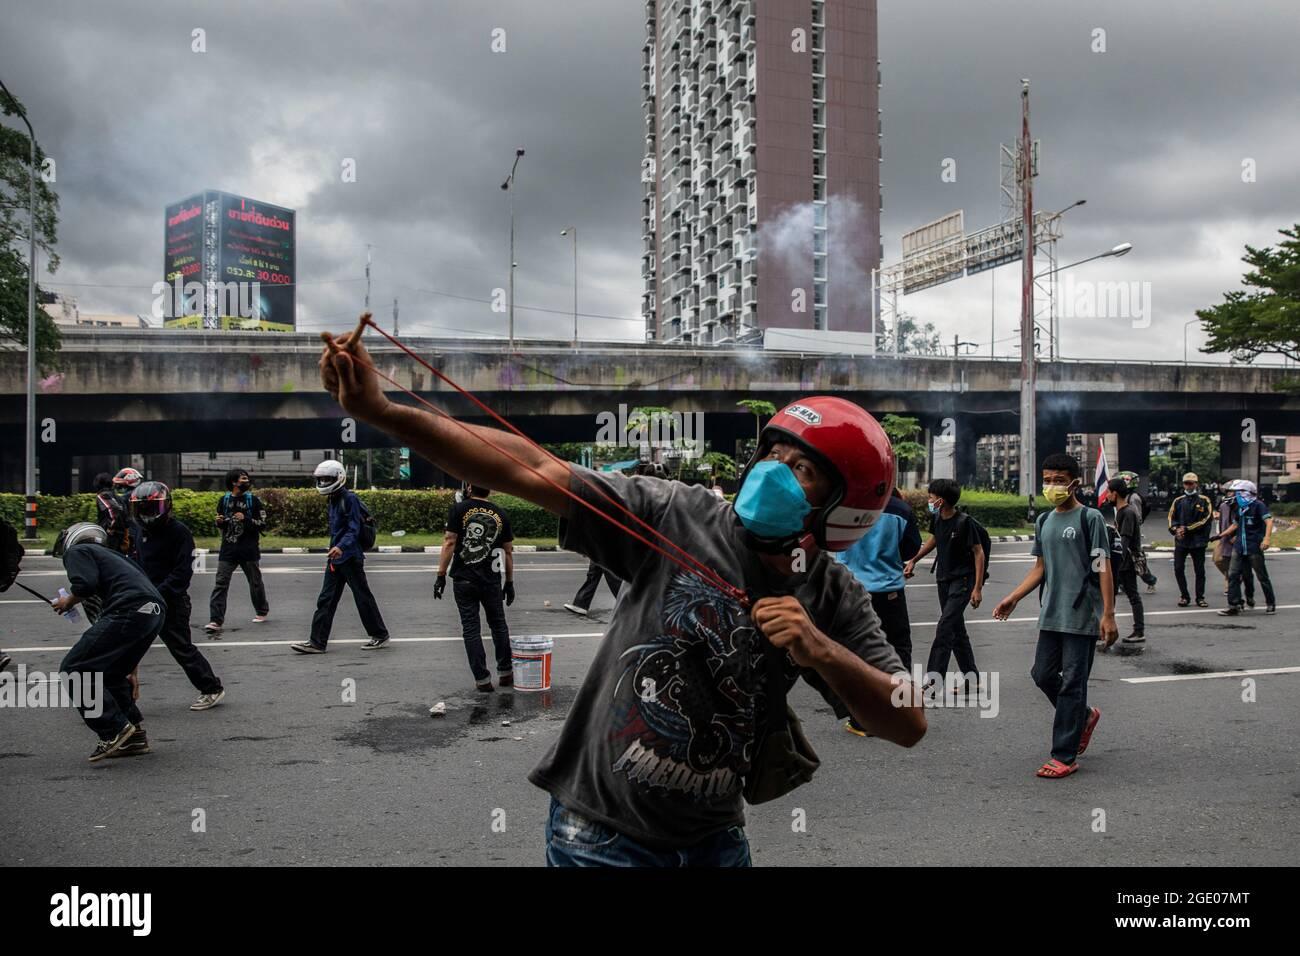 Bangkok, Thailand. August 2021. Ein Protesten für die Demokratie schießt am 15. August 2021 bei Zusammenstößen mit der Polizei in Bangkok, Thailand, eine Schleuder. Eine stadtweite Motorradkundgebung, die hauptsächlich aus Red Shirts besteht und von dem ehemaligen Gesetzgeber Nattawut Saikuar geleitet wird, fuhr friedlich durch Bangkok und forderte die Demonstranten auf, nicht gewalttätig zu werden. Einige Demonstranten, vor allem Jugendgruppen wie REDEM, versuchten jedoch erneut, die Residenz des thailändischen Premierministers Prayuth Chan-Ocha zu erreichen, was unweigerlich zu Zusammenstößen mit den Strafverfolgungsbehörden führte. Kredit: ZUMA Press, Inc./Alamy Live Nachrichten Stockfoto